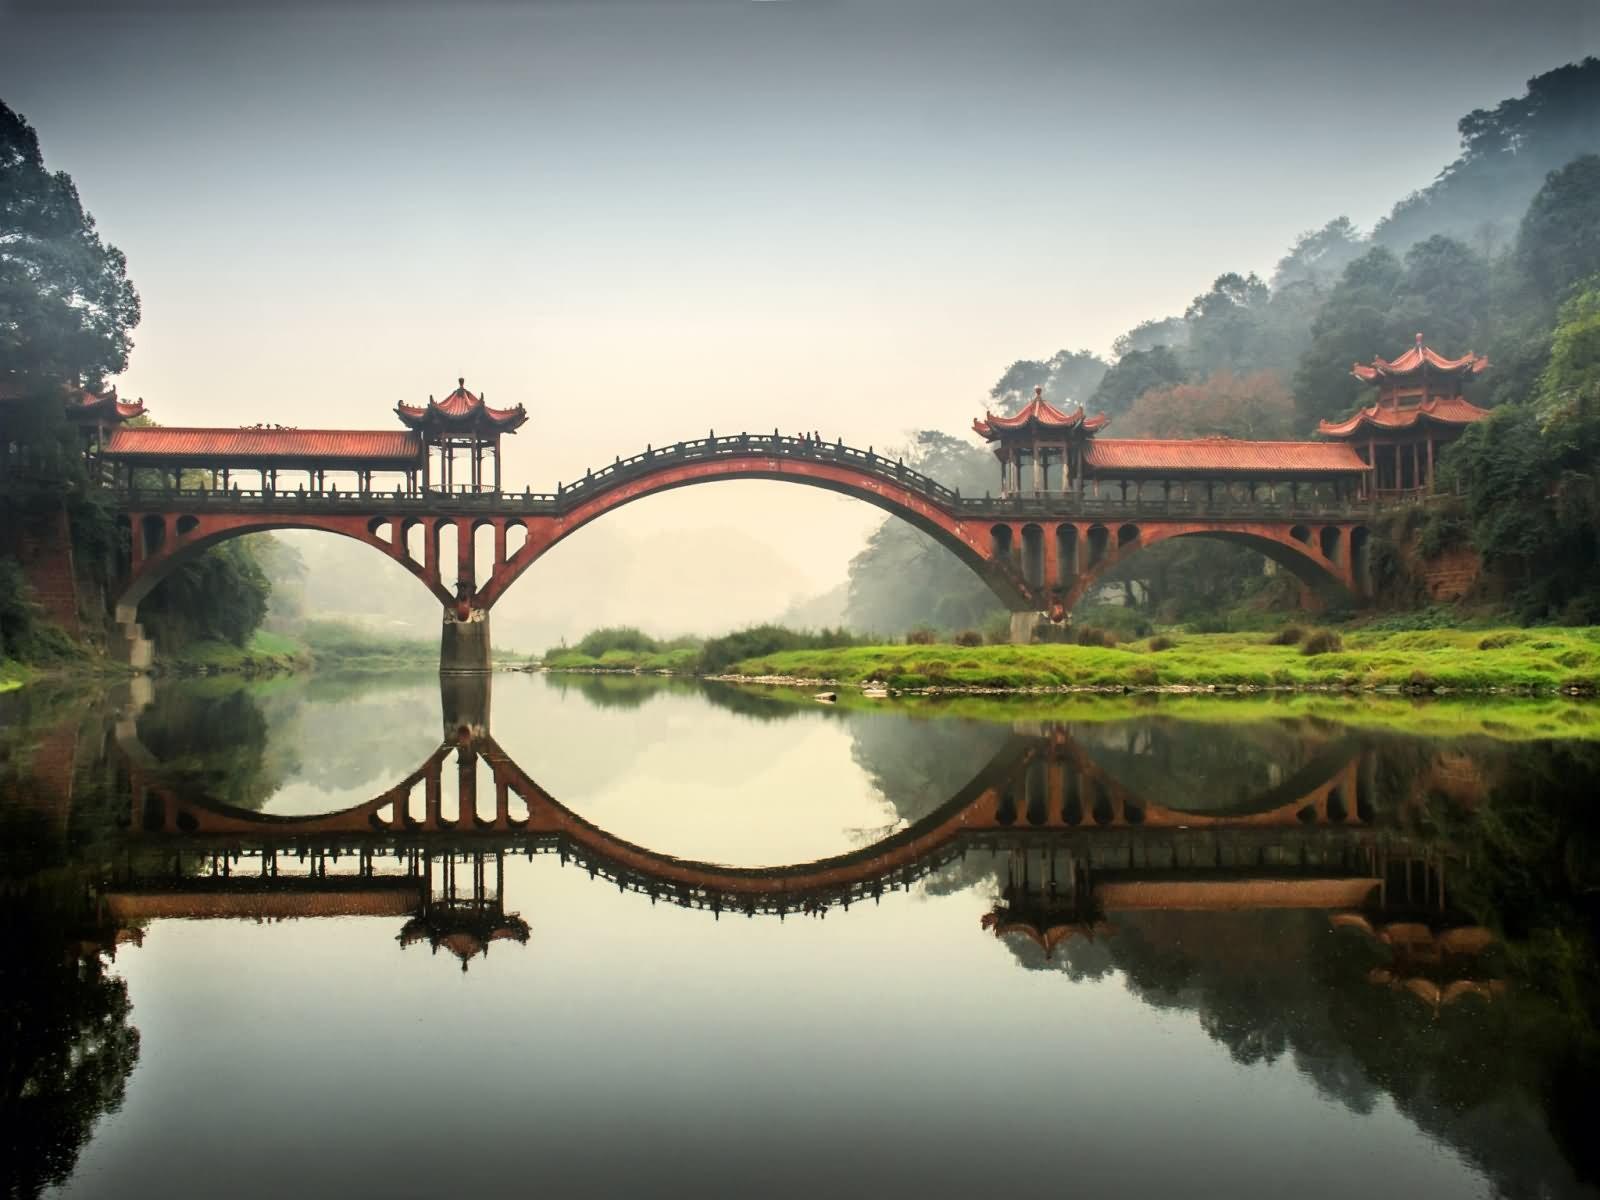 мечтавший большие картинки китай природа выдают только людям